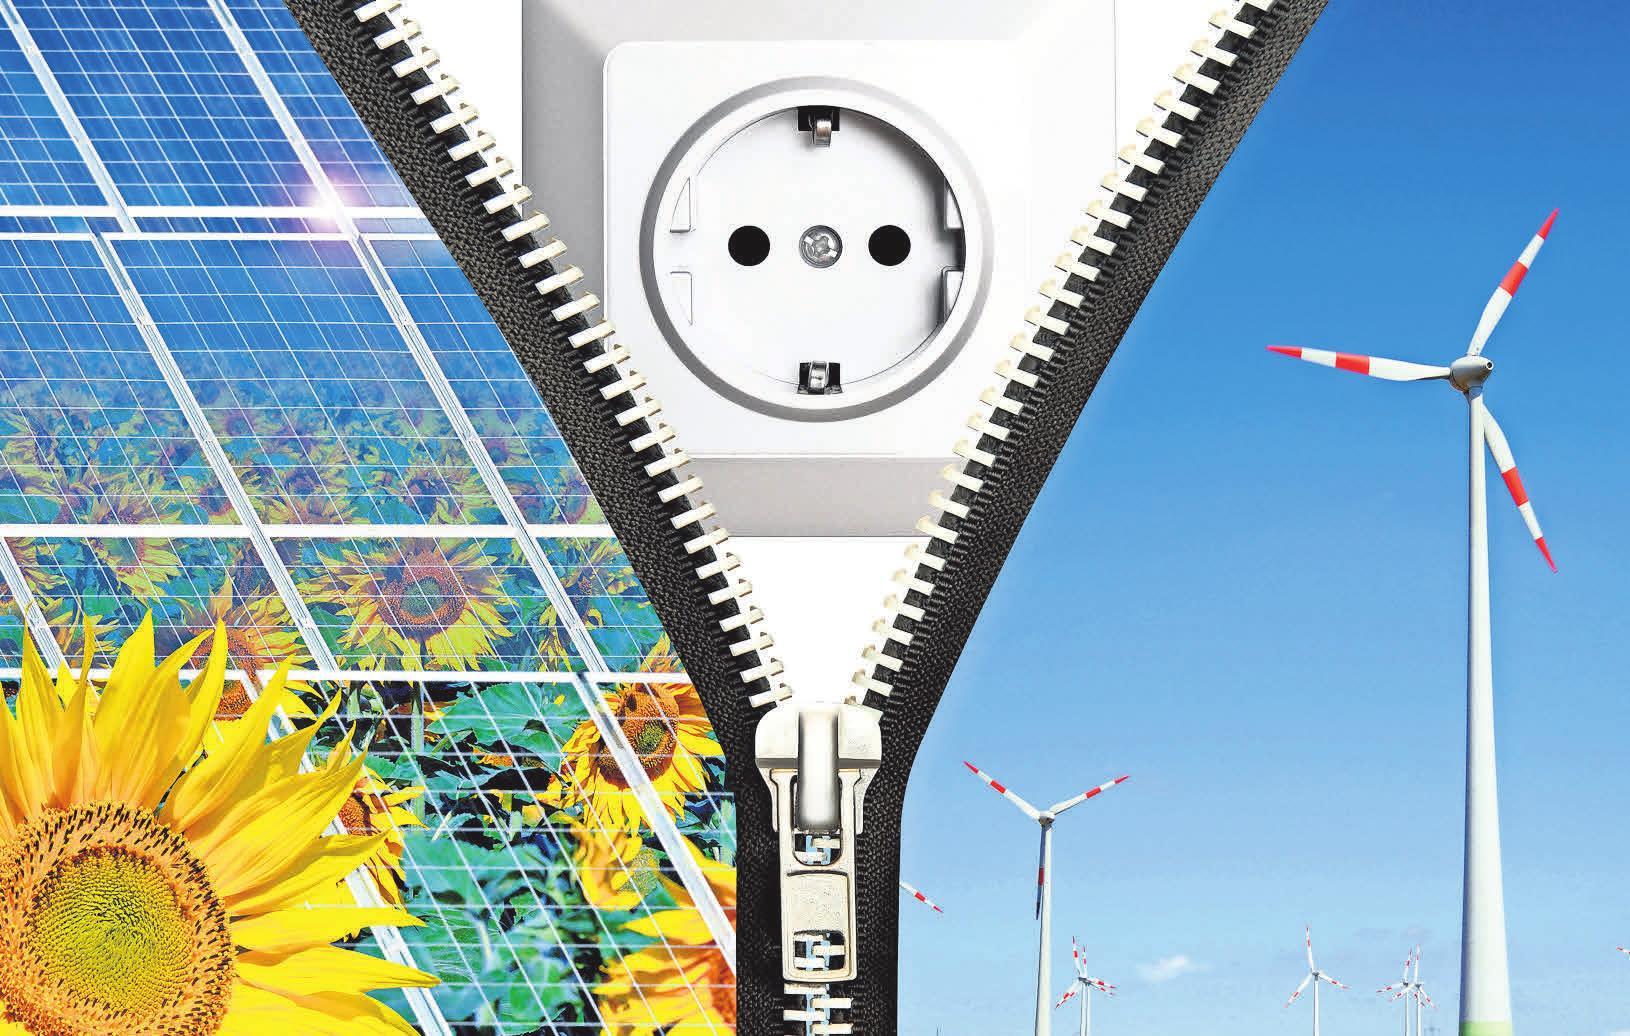 Solarenergie, Windenergie, effiziente Heiztechnik und vieles mehr stehen am Tag der erneuerbaren Energie im Fokus. Foto: Fotlia/Inpic